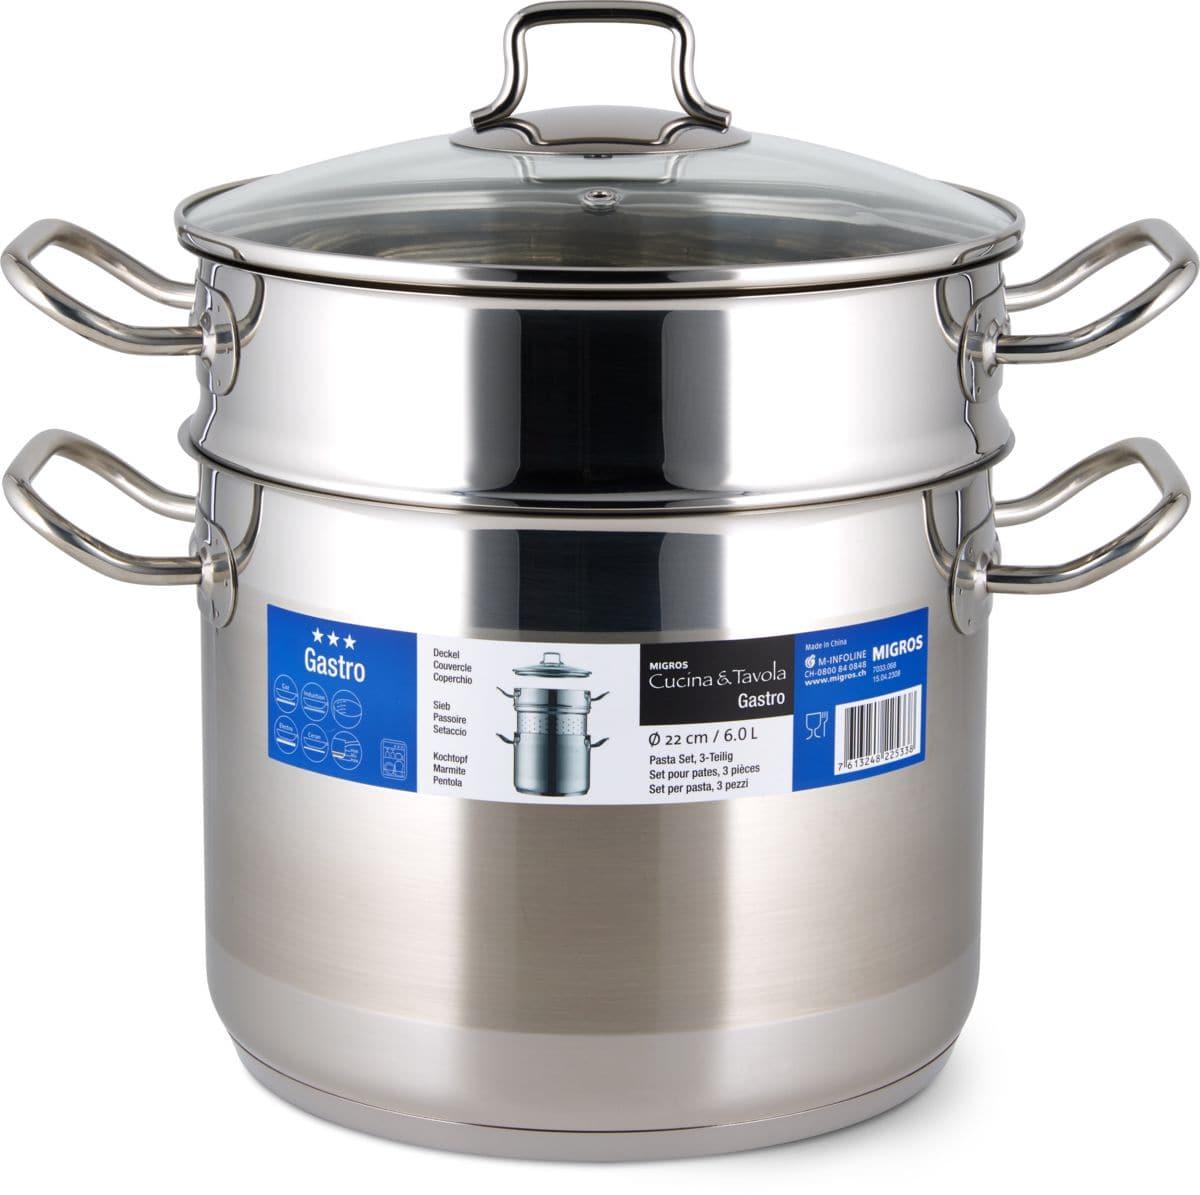 Cucina & Tavola GASTRO Set per pasta